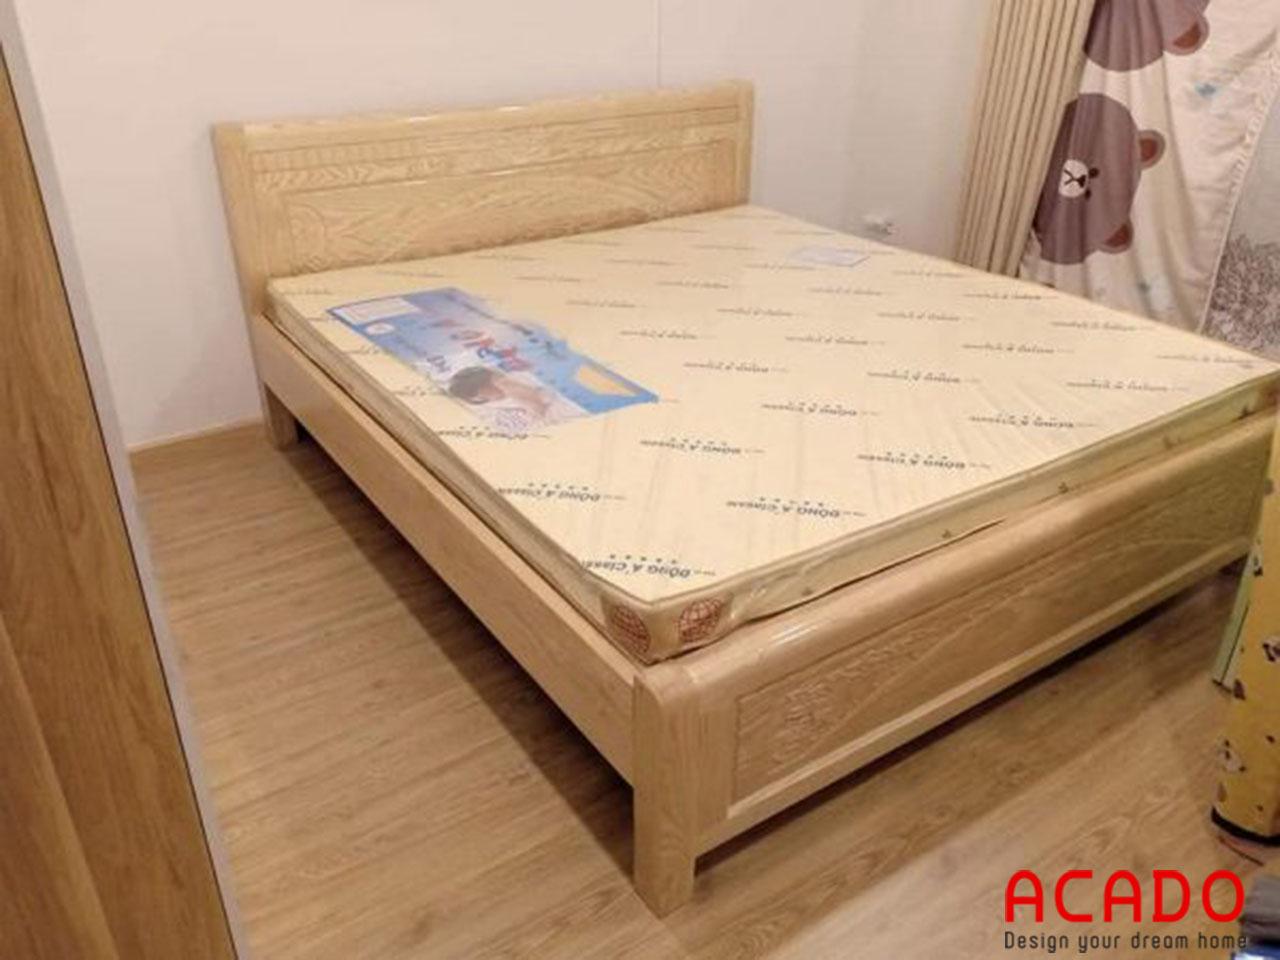 Giường ngủ gỗ sồi nga có độ bền cao, chịu lực tốt